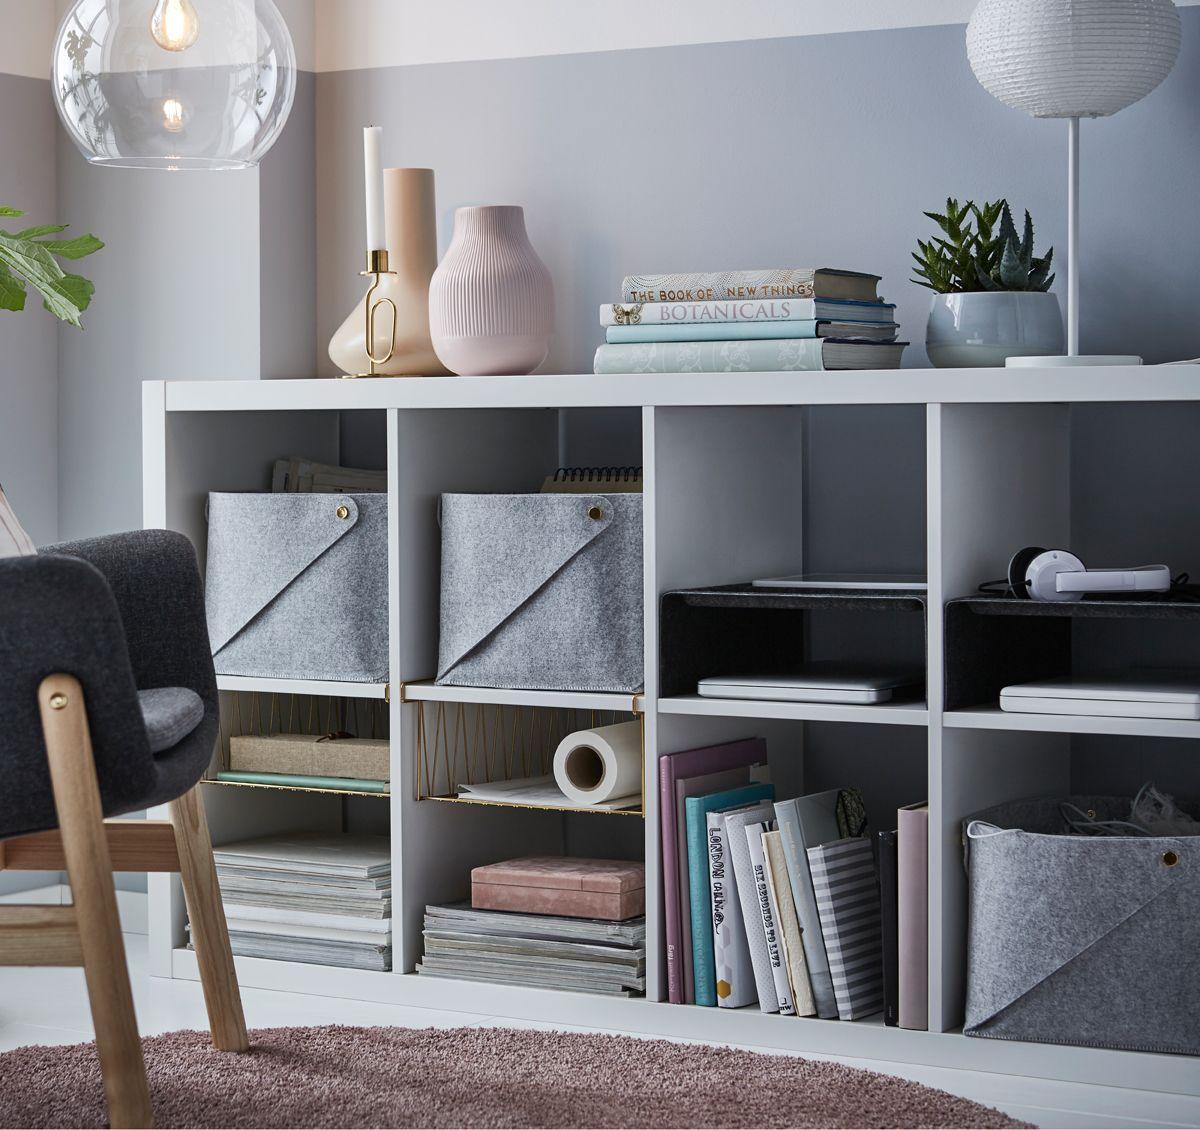 mobilier et d coration int rieur et ext rieur le salon ikea pinterest tag re tag re. Black Bedroom Furniture Sets. Home Design Ideas